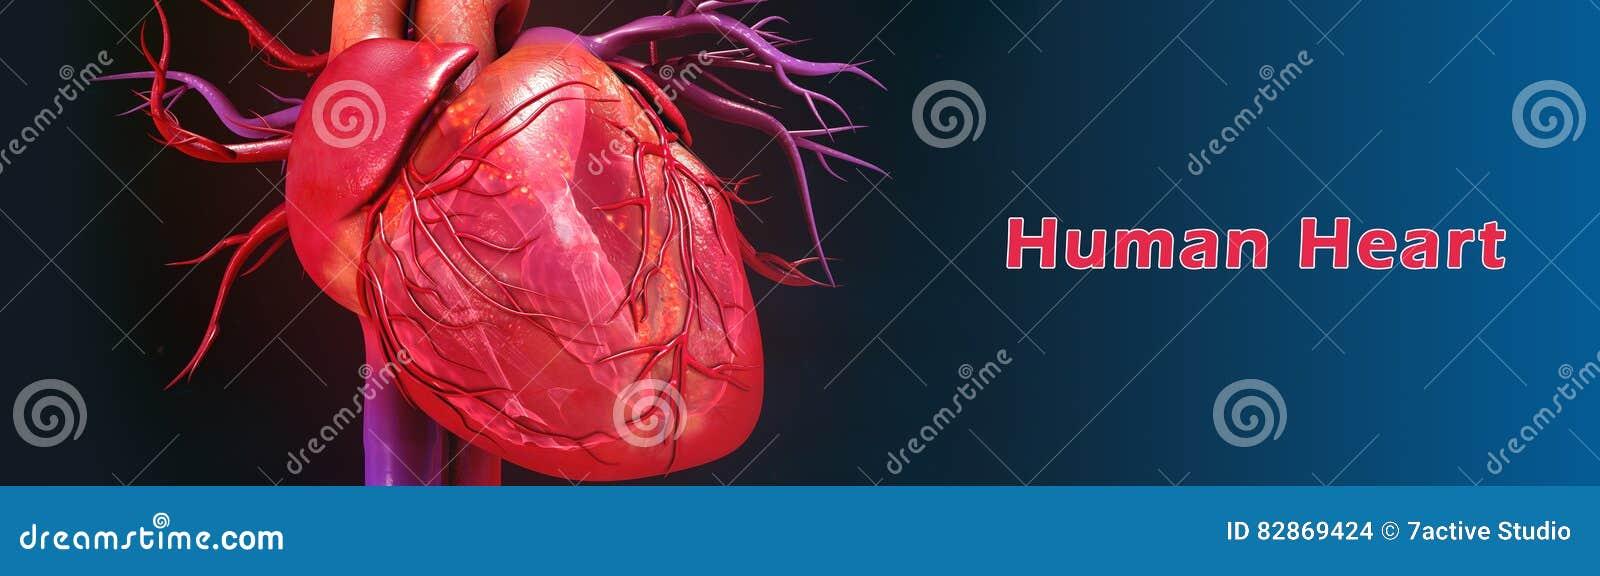 Menschliches Herz stock abbildung. Illustration von entspannung ...